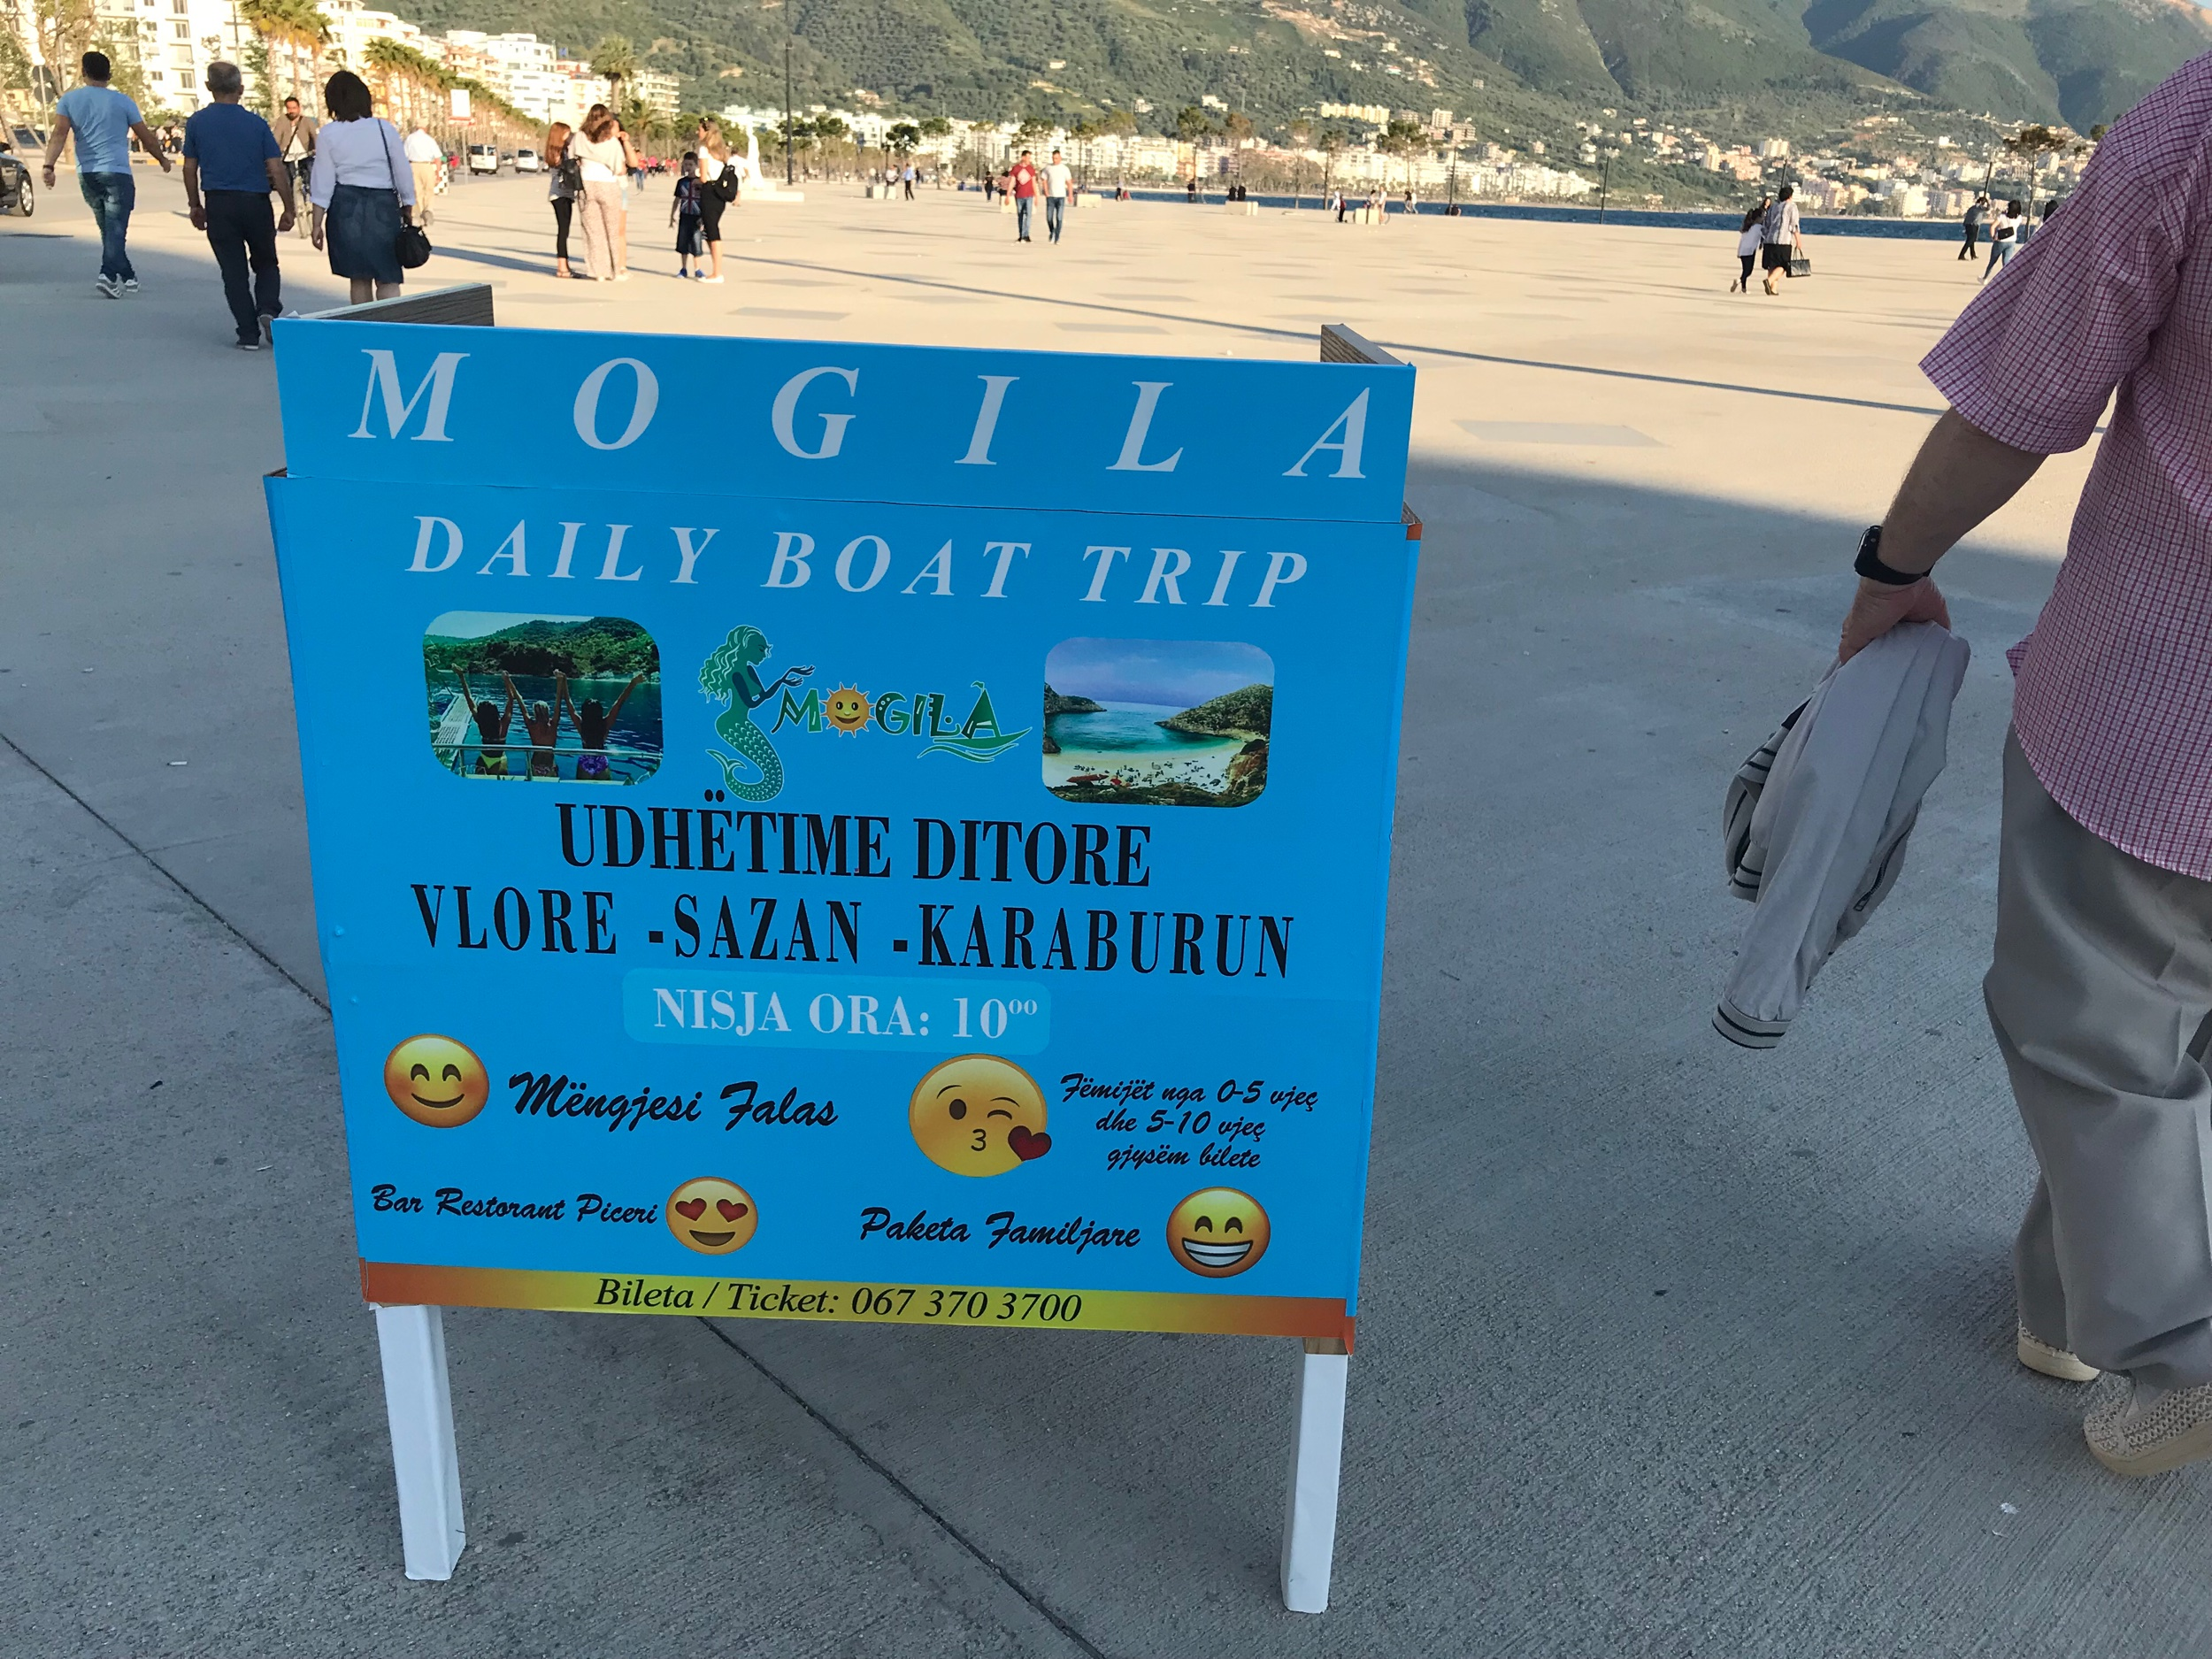 Jonkun matkanjärjestäjän mainos rantabulevardilla, jossa kerrotaan myös aamupalan sis. Hintaan. Tämä ei ole mainos :) (me emme itse ole olleet tällä laivalla) kuva: Mirva Rannisto